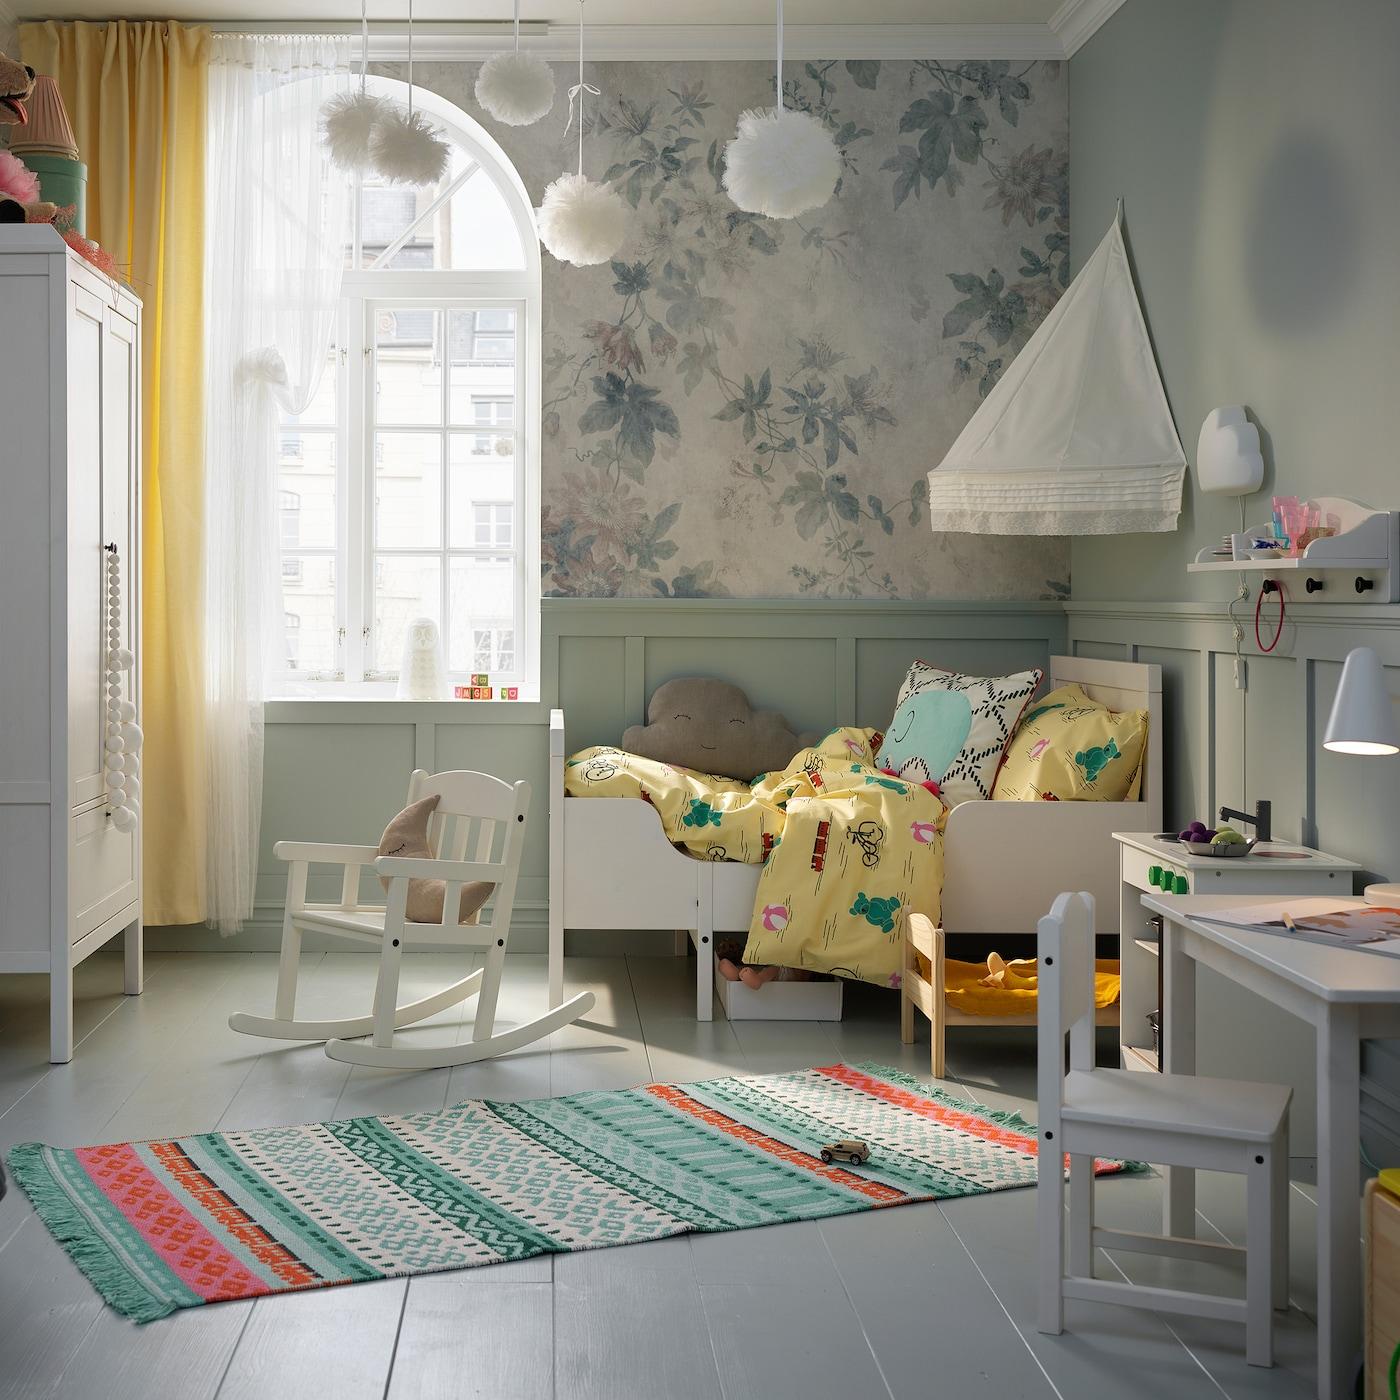 Børneværelse med en seng, en sengehimmel, et garderobeskab og et bord og en stol i hvidt. Farvestrålende tæppe ligger på tværs af gulvet.